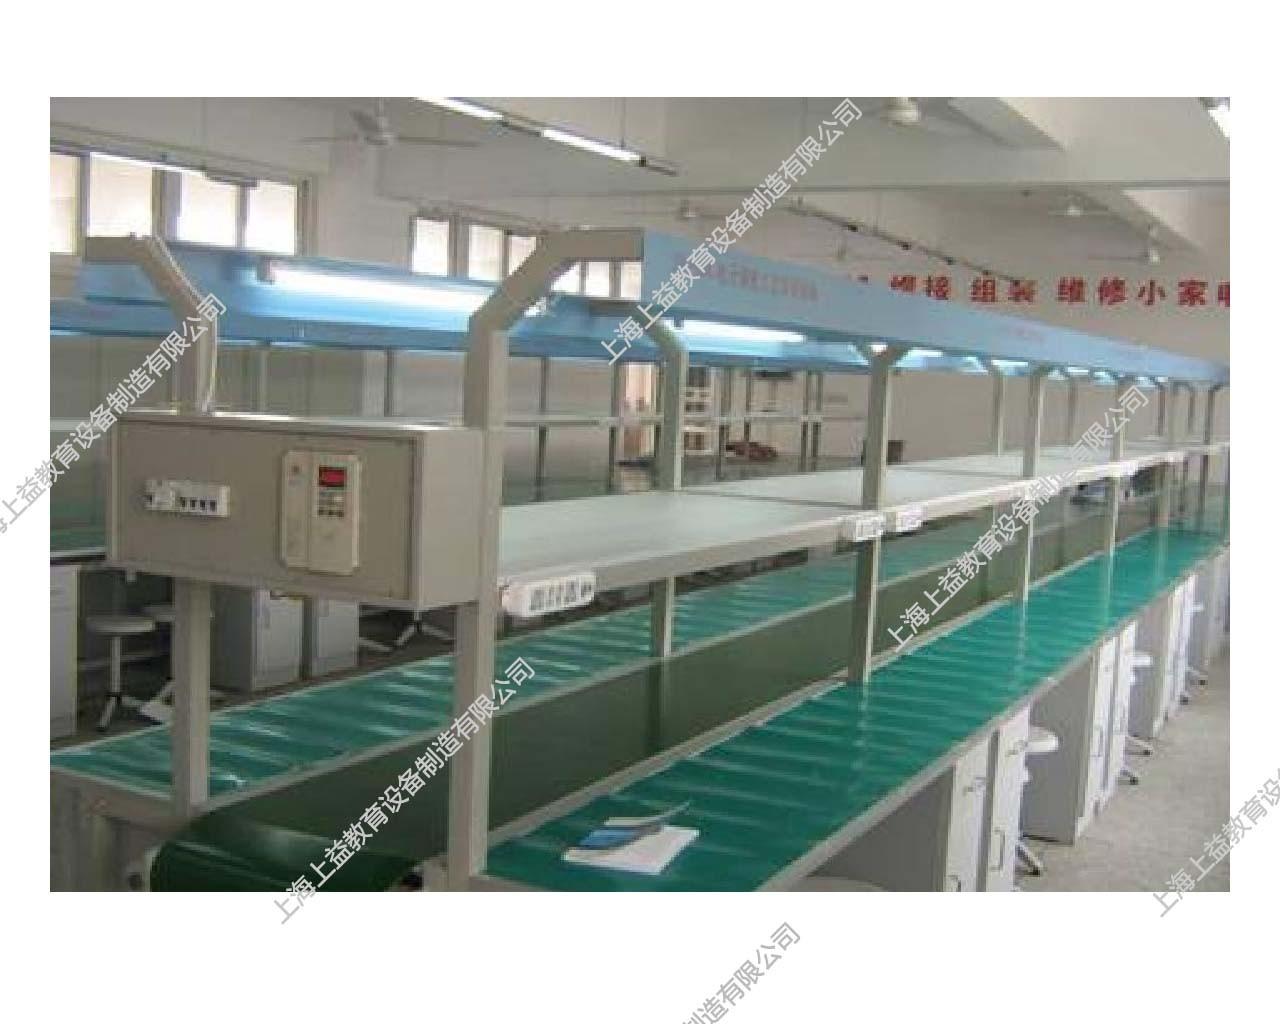 JDLSX-02皮带传送焊接调试生产线